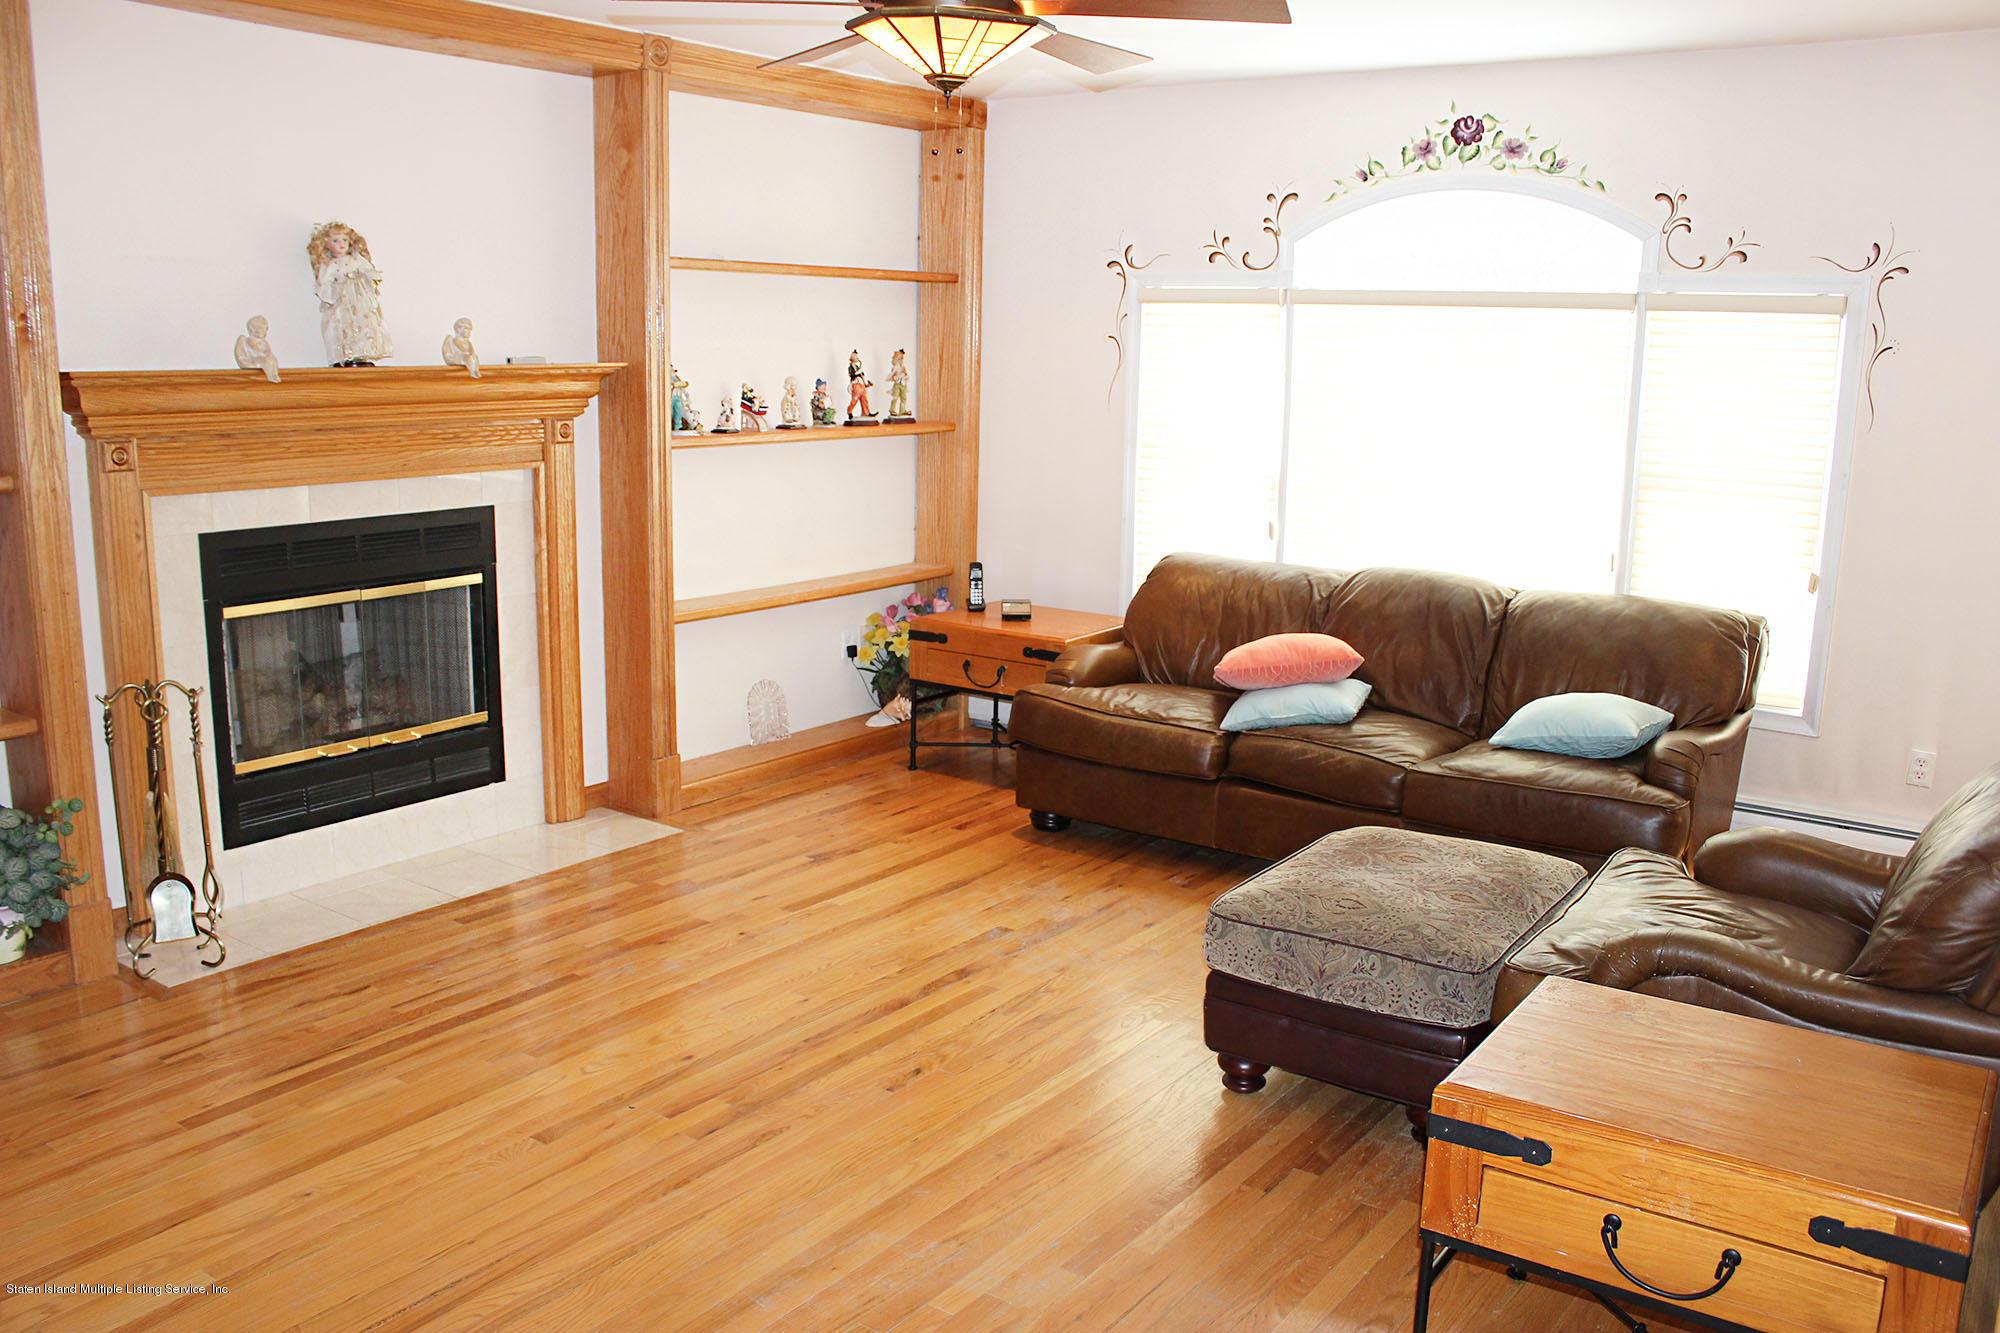 Single Family - Detached 64 Covington Circle  Staten Island, NY 10312, MLS-1130895-5